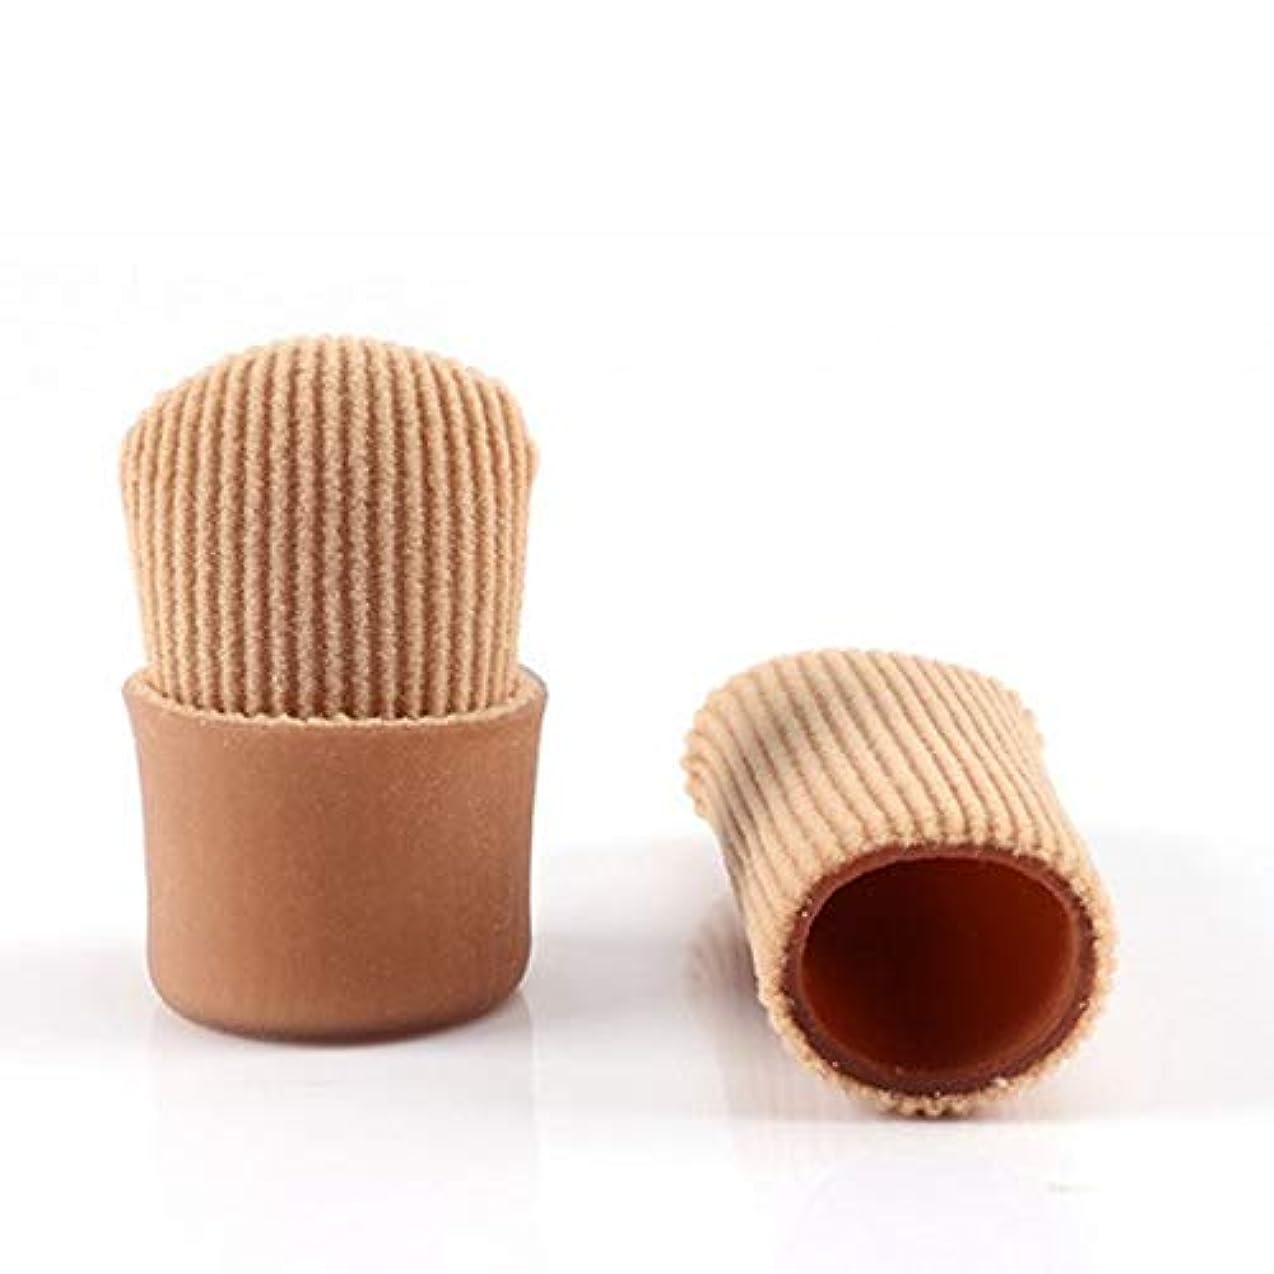 ベーシック橋脚分注するOpen Toe Tubes Gel Lined Fabric Sleeve Protectors To Prevent Corns, Calluses And Blisters While Softening And...